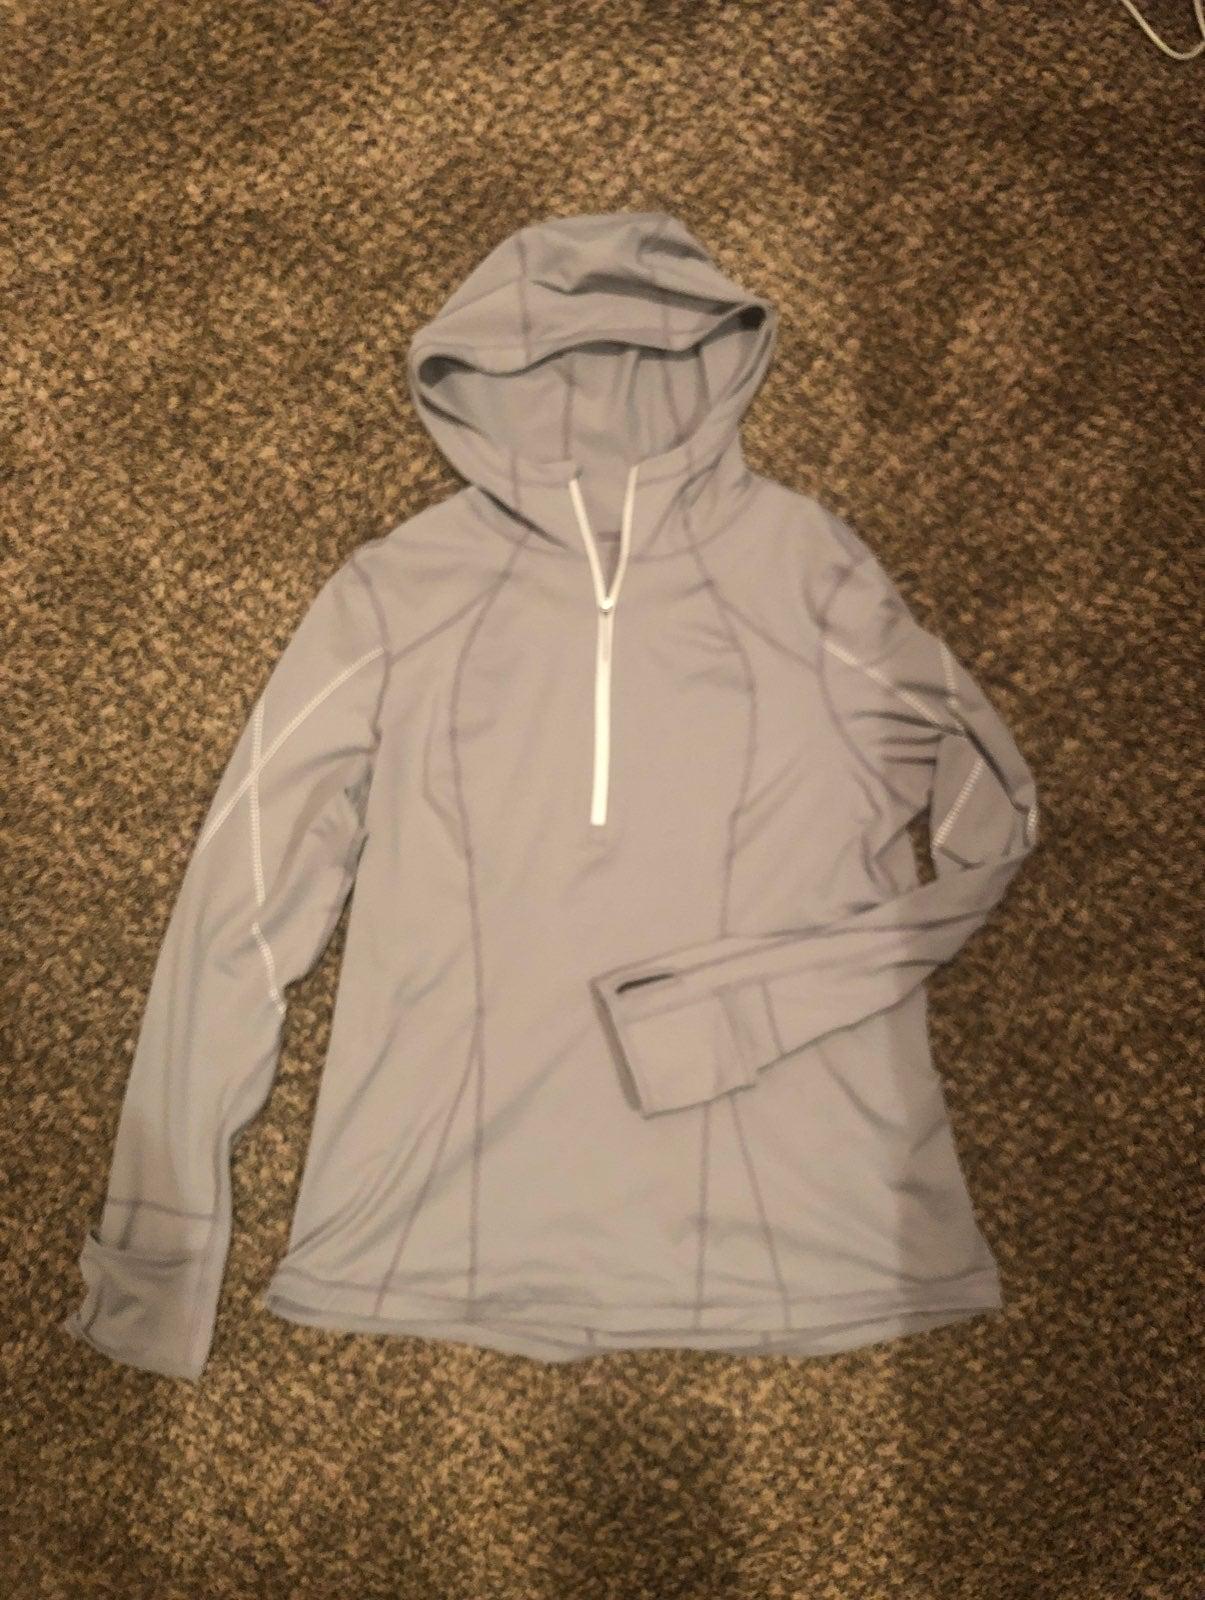 zella NWOT hooded top